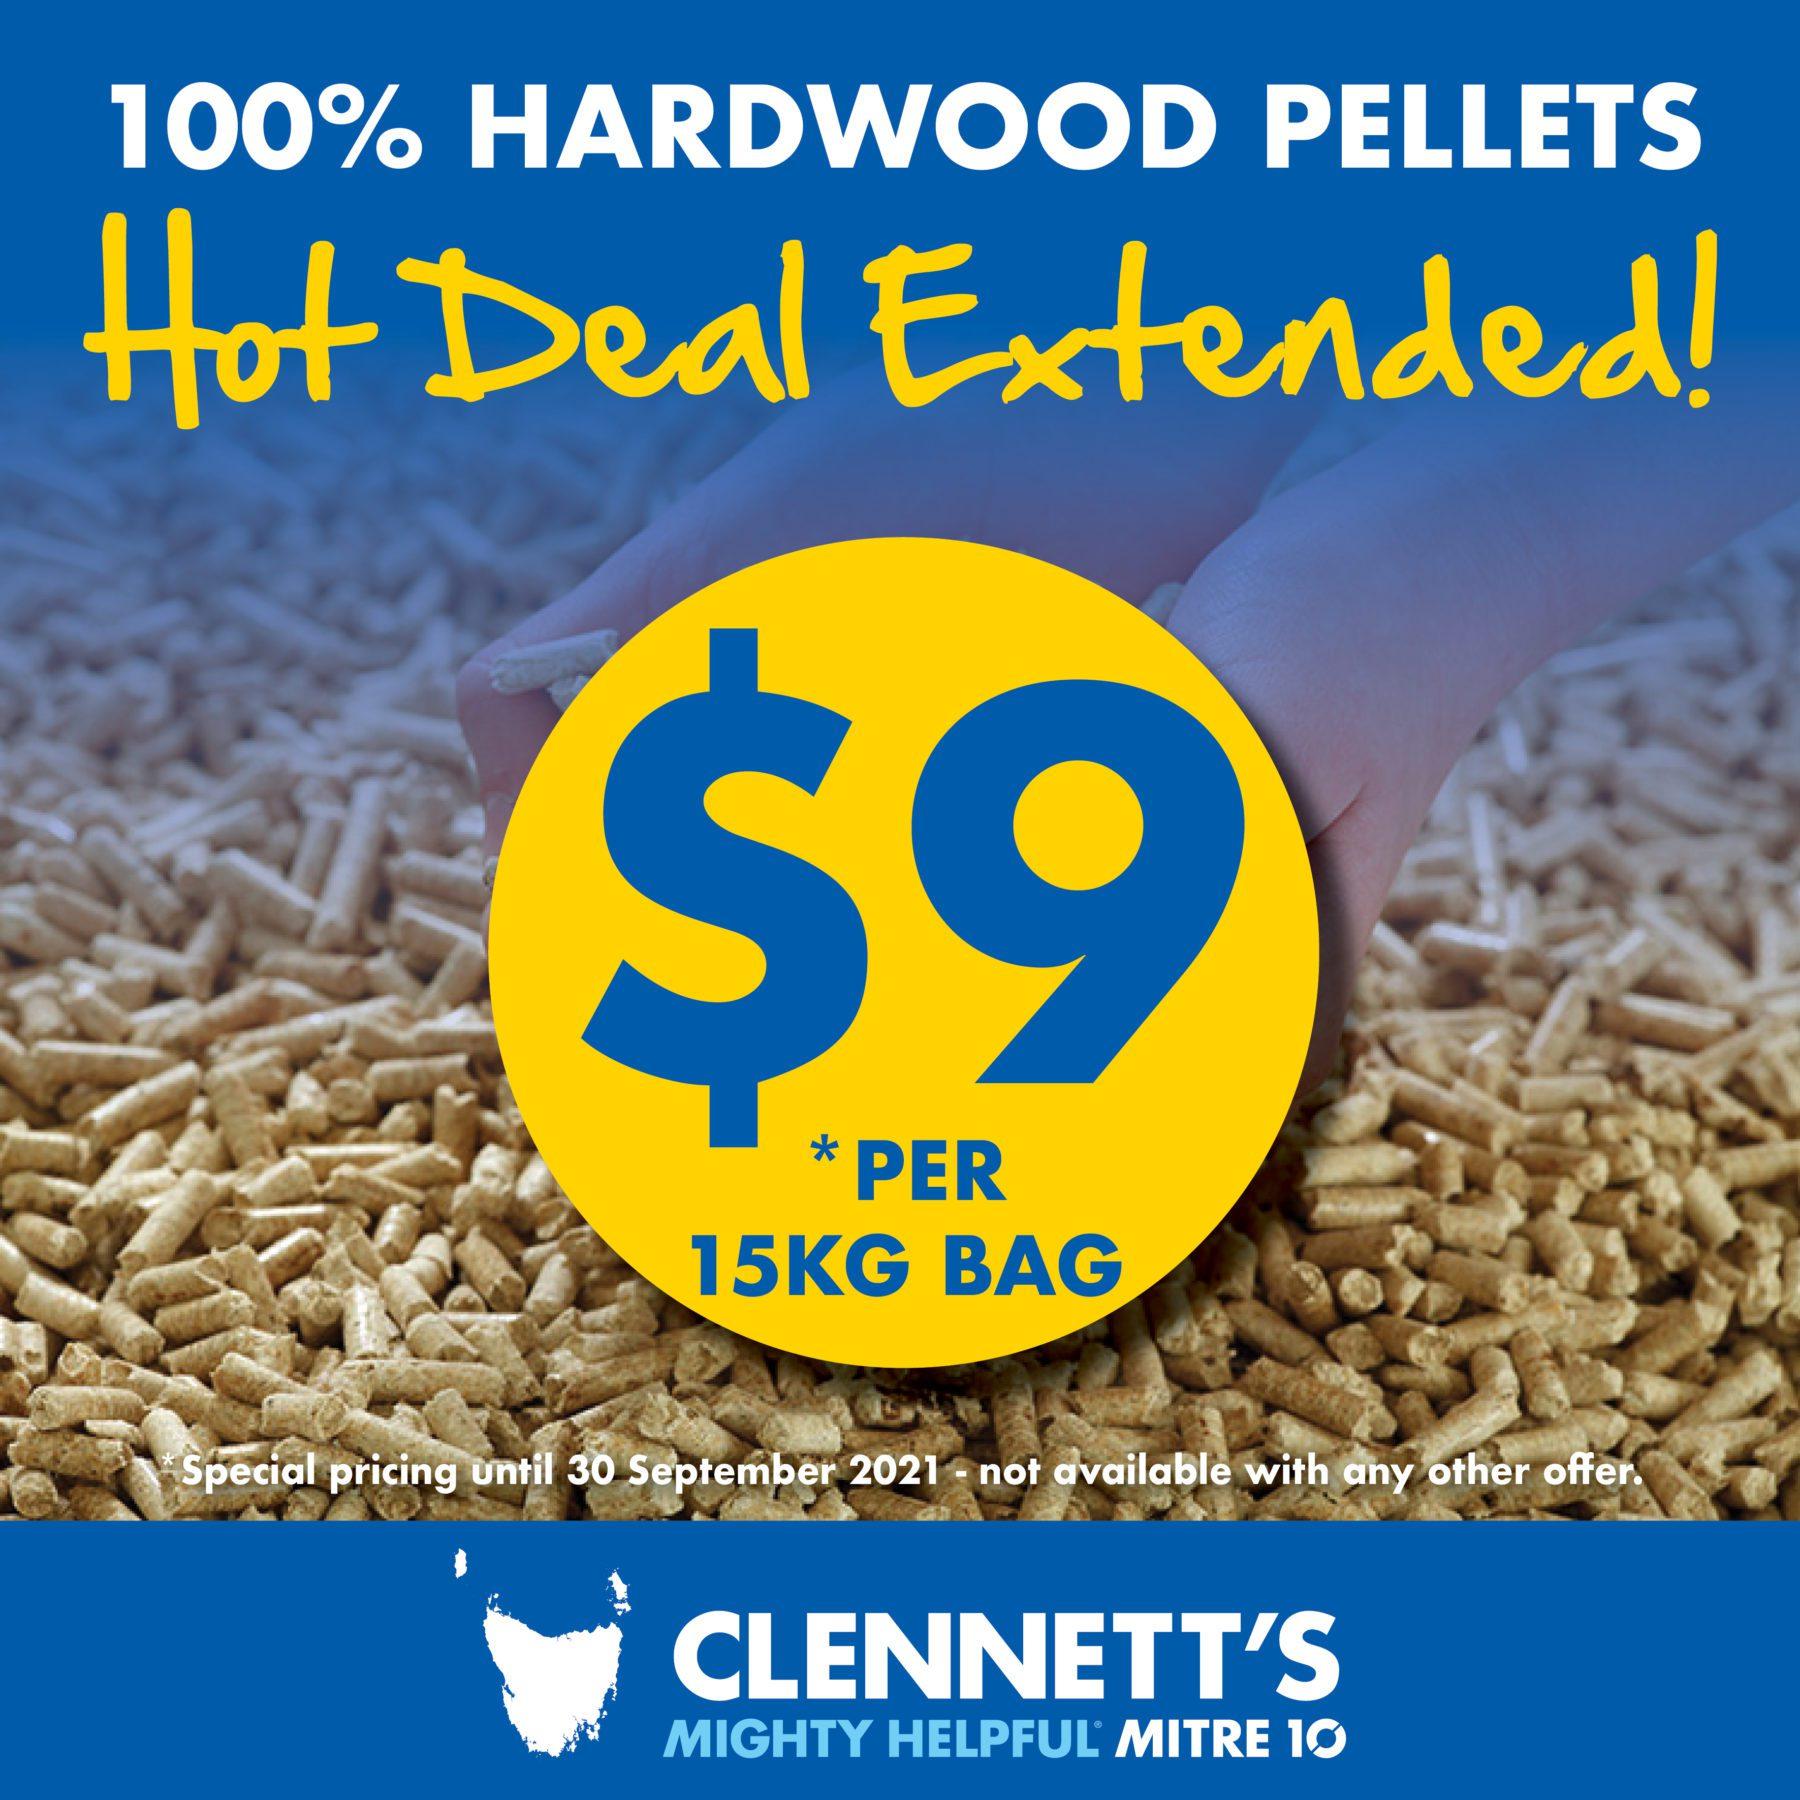 Clennetts Mitre 10 Pellet offer